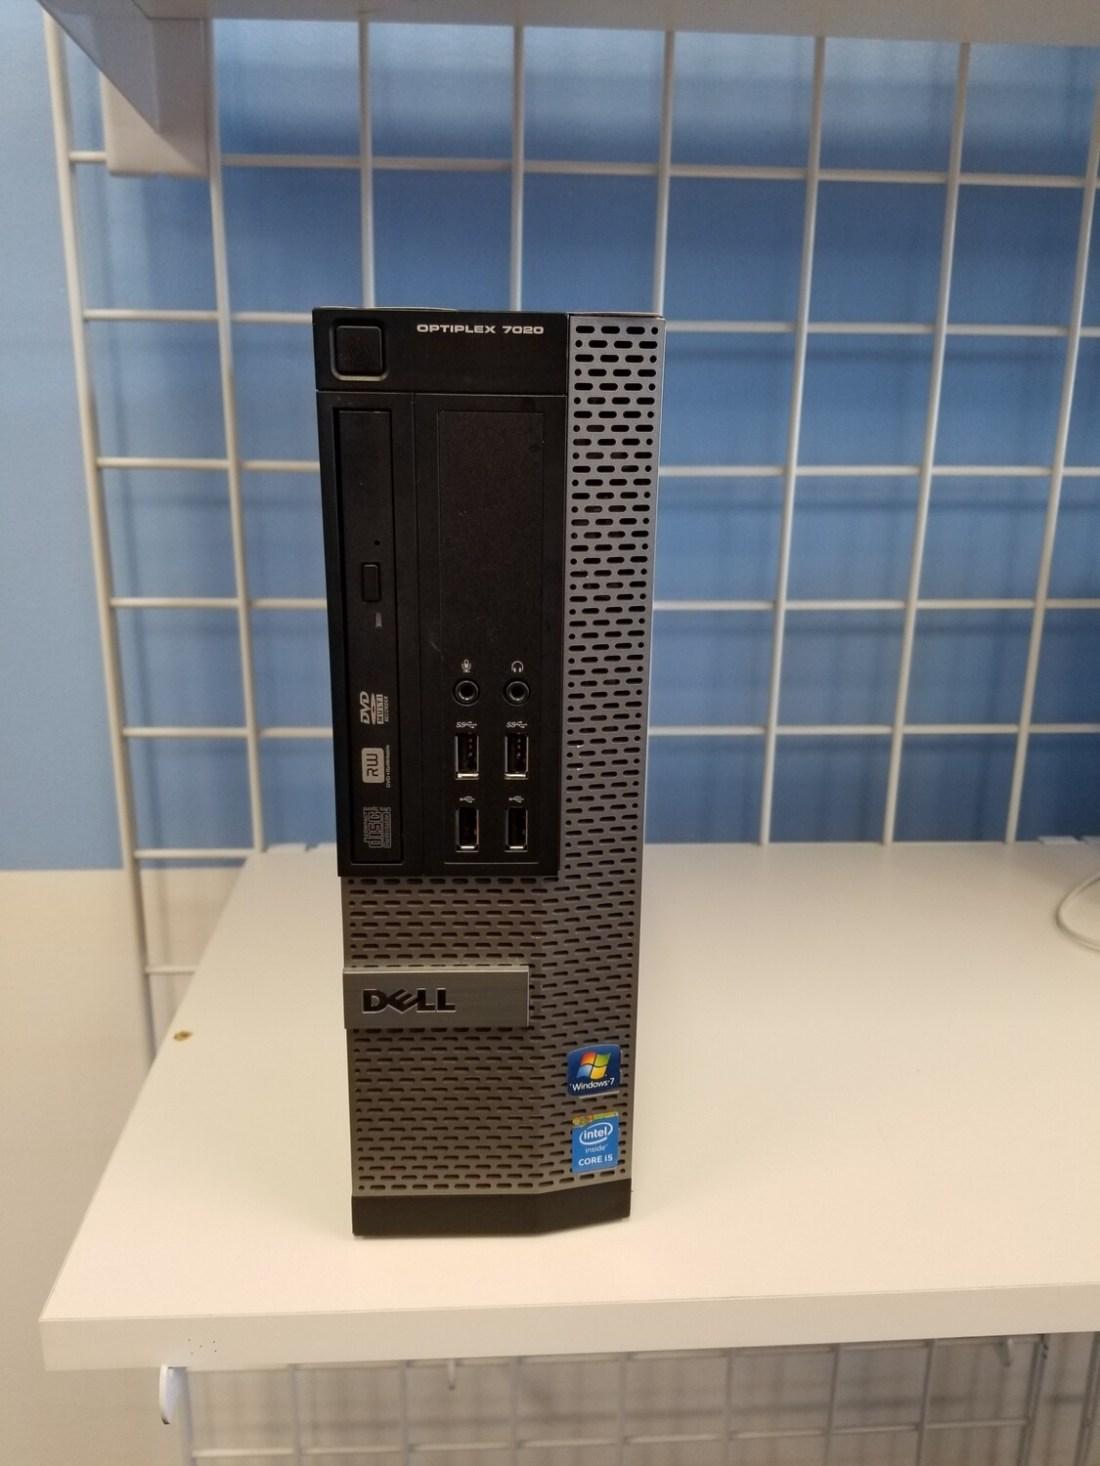 Dell OptiPlex 7020 Intel Core i5-4590 @3.3GHz 8GB Ram 500GB HDD Intel HD Graphics 4600